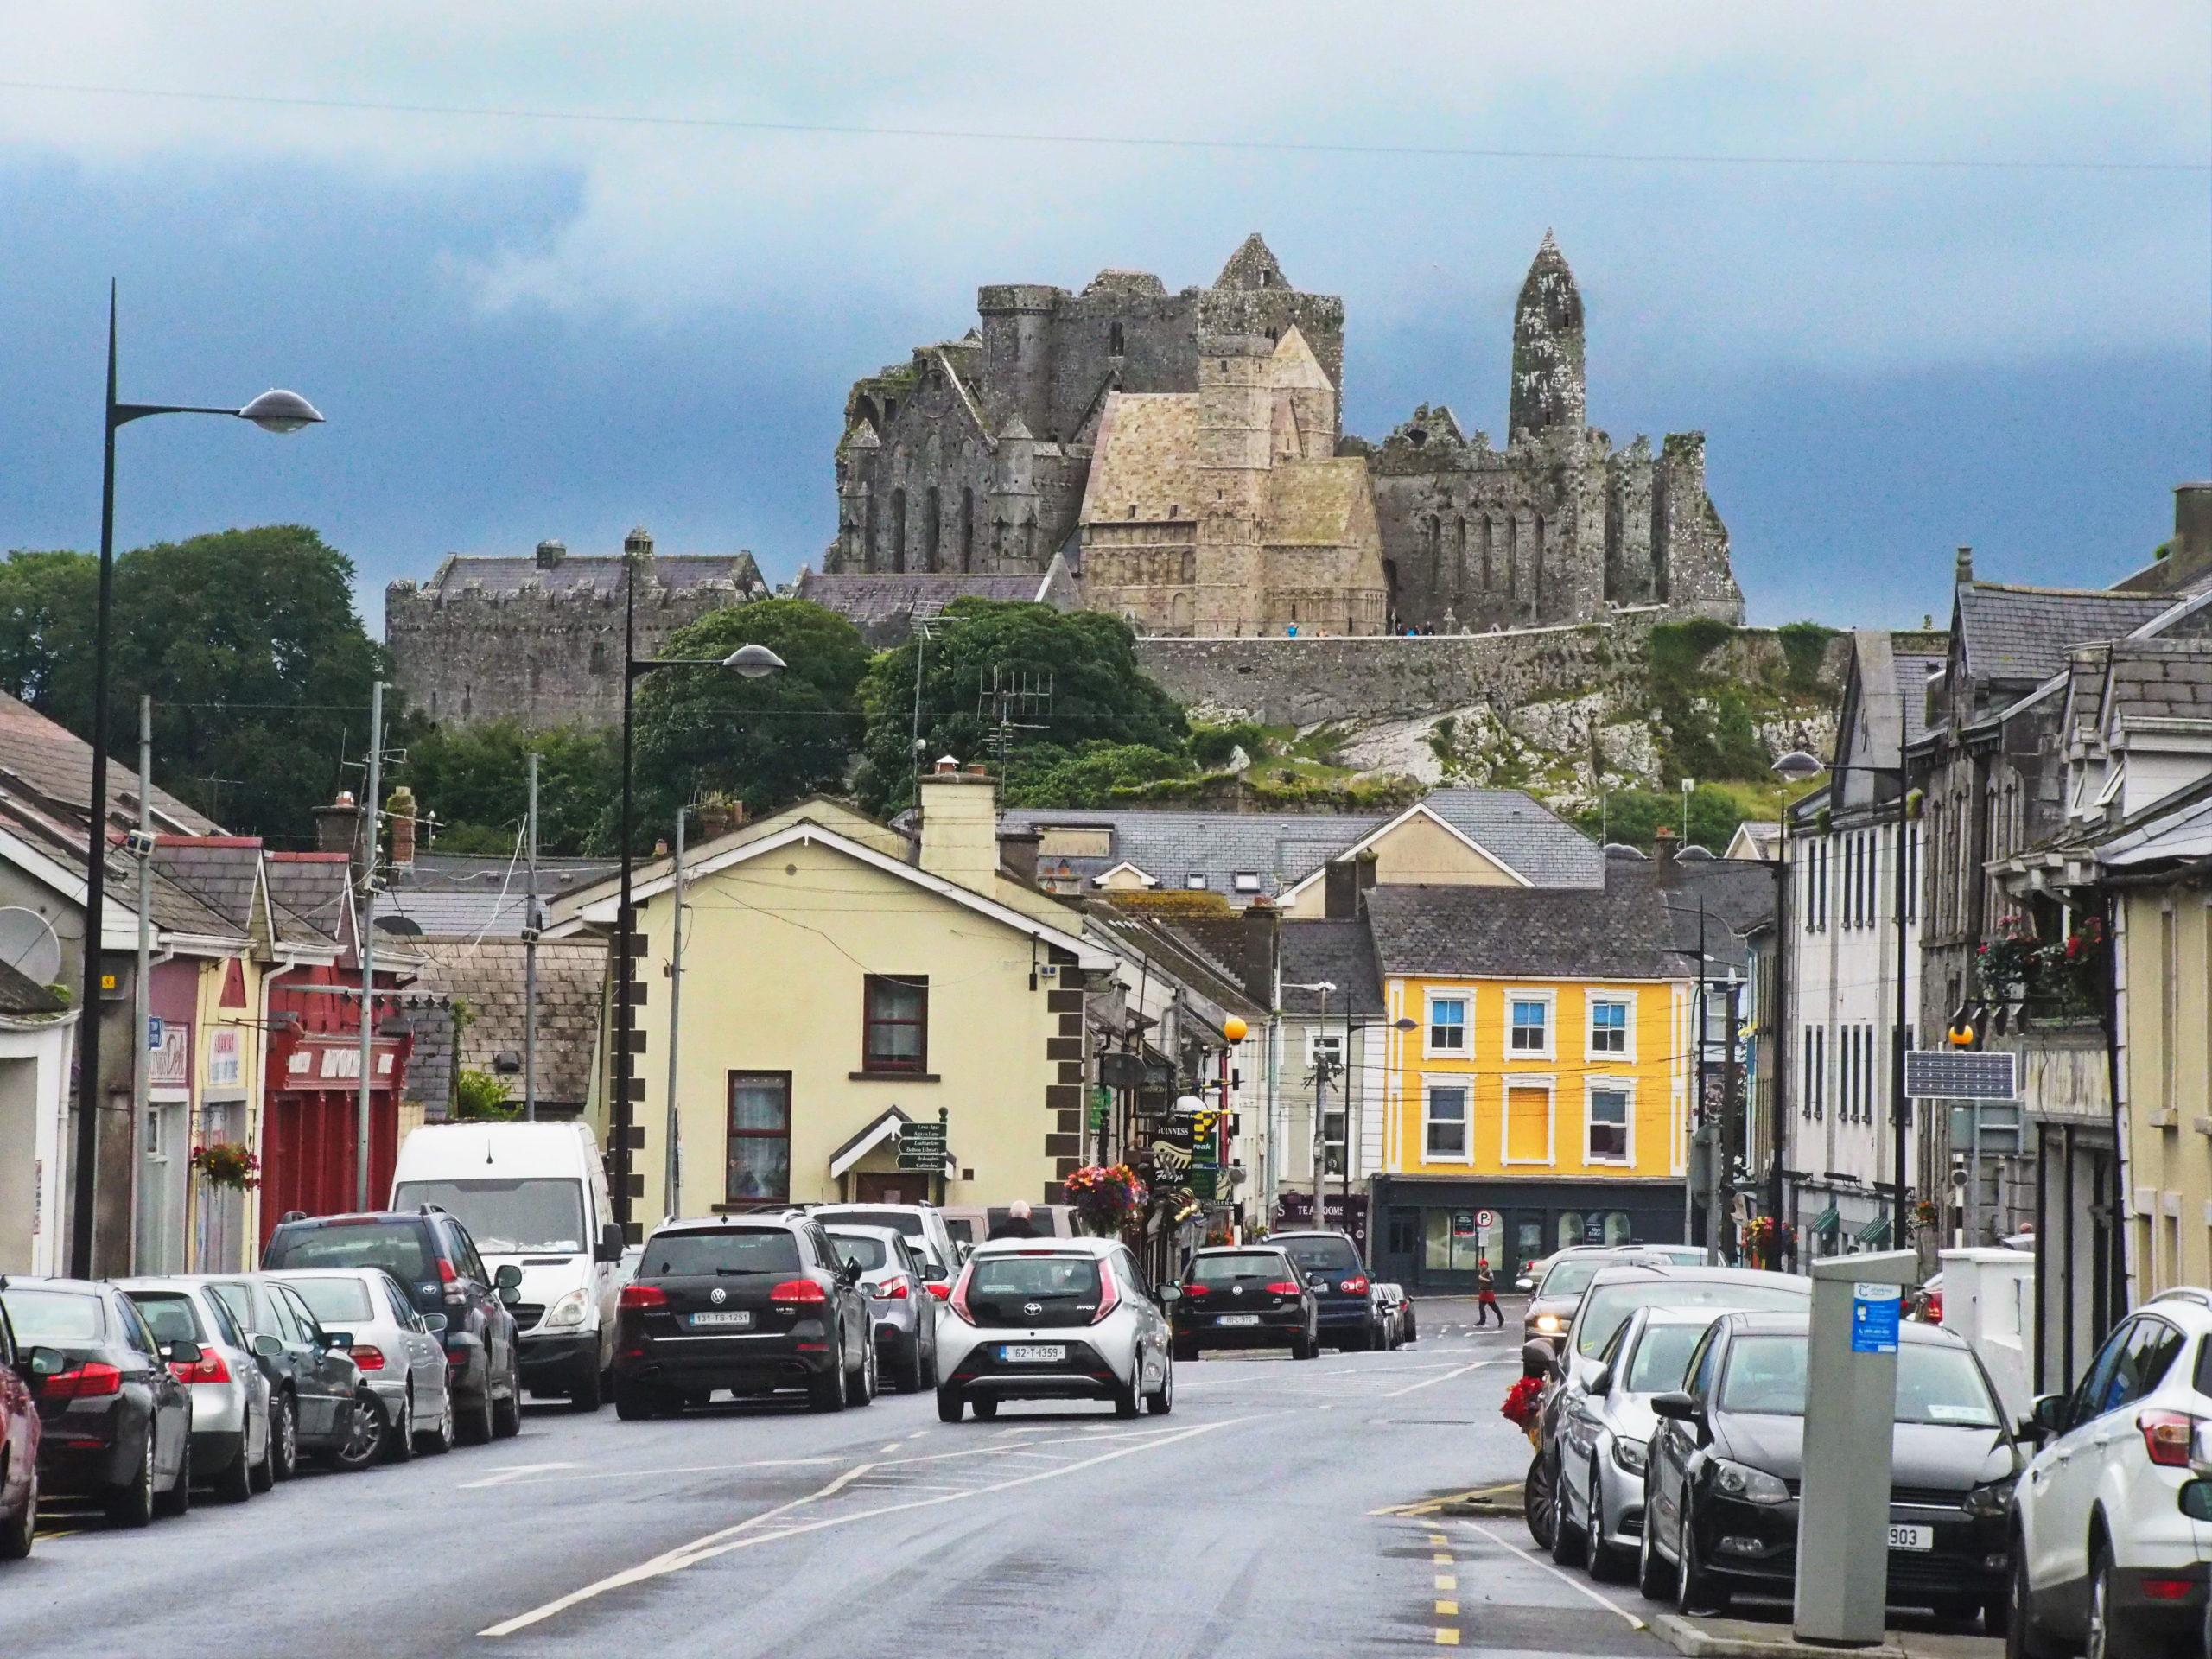 Blick vom Ort Cashel auf den Felsen mit seiner Kathedrale